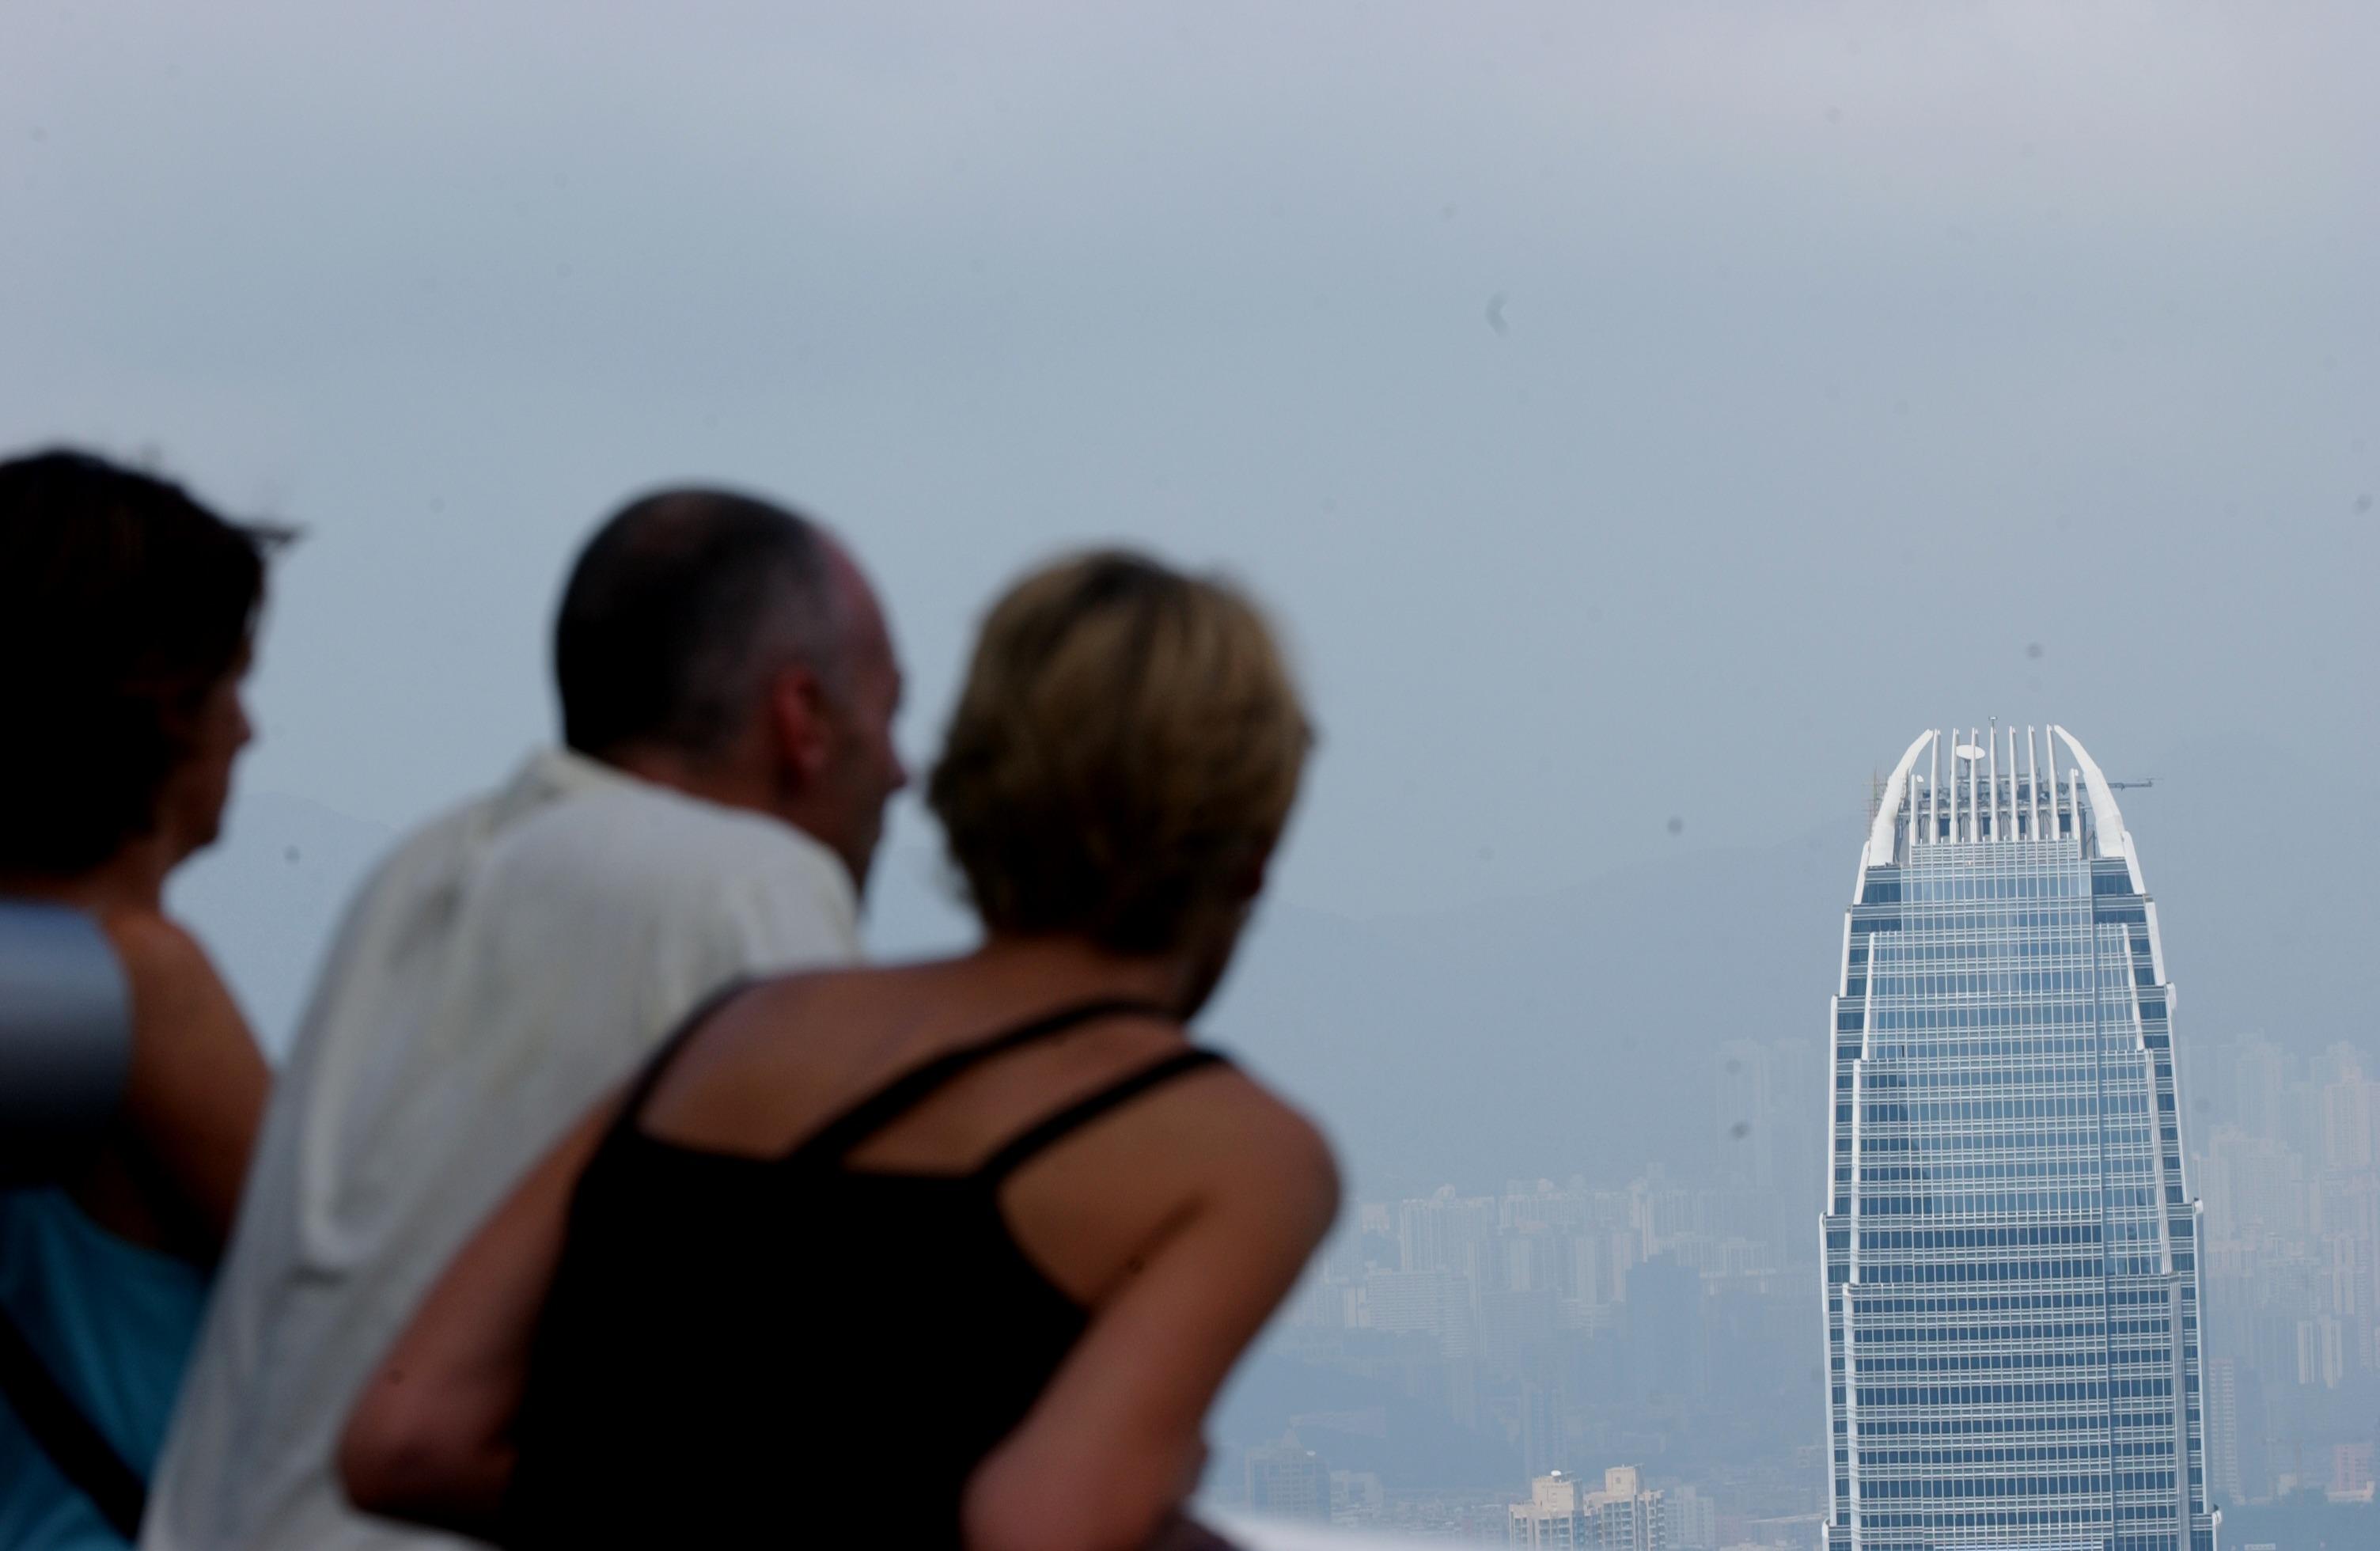 今年適逢香港回歸中國20周年,市面有很多談論這一話題的文字,本欄試圖從一個不同的視角,即以當年同為四小龍的台韓星港這一時段興衰易位。(亞新社)